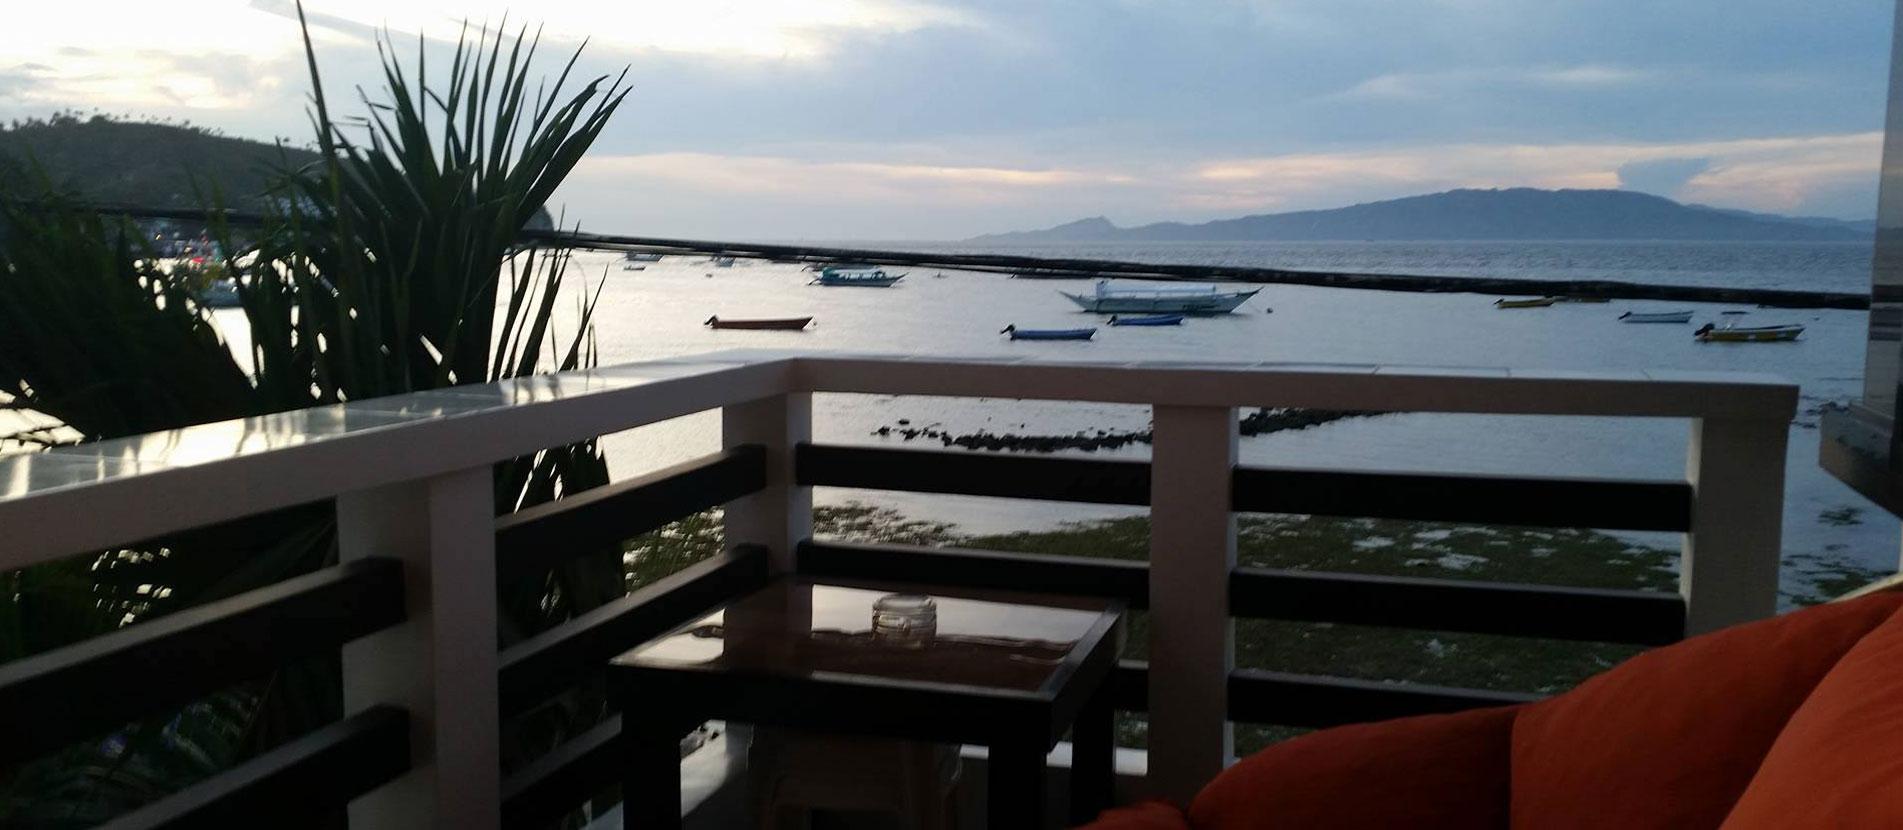 Seashore Beach Resort Sabang Beach Puerto Galera Philippines